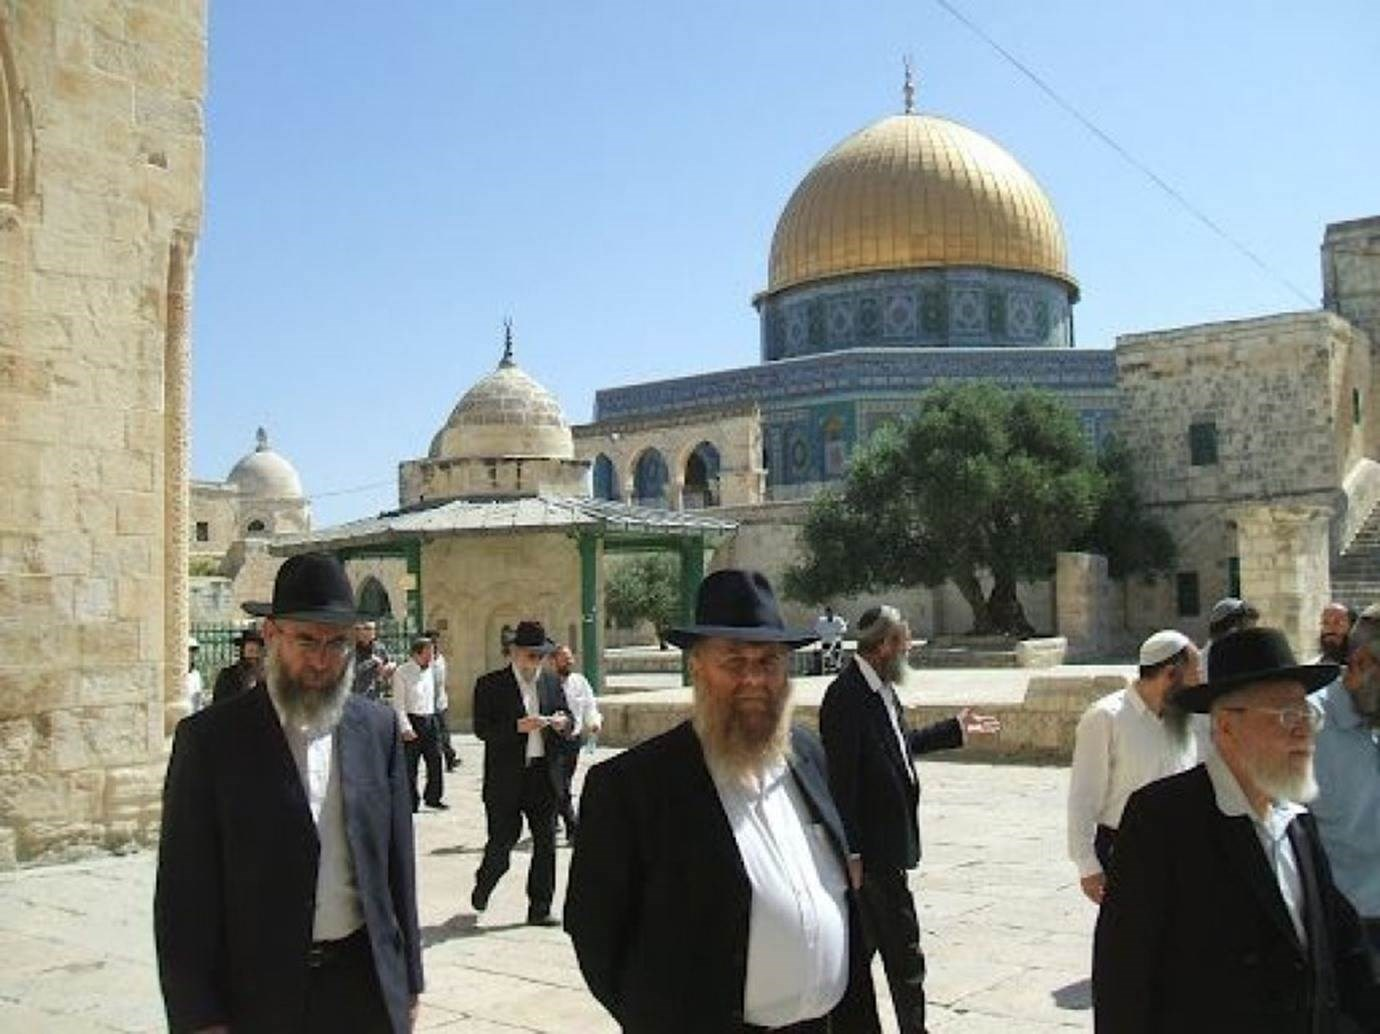 الاتفاق الإماراتي-الإسرائيلي يُحدث تغييراً كبيراً في هوية القدس لصالح الإسرائيليين